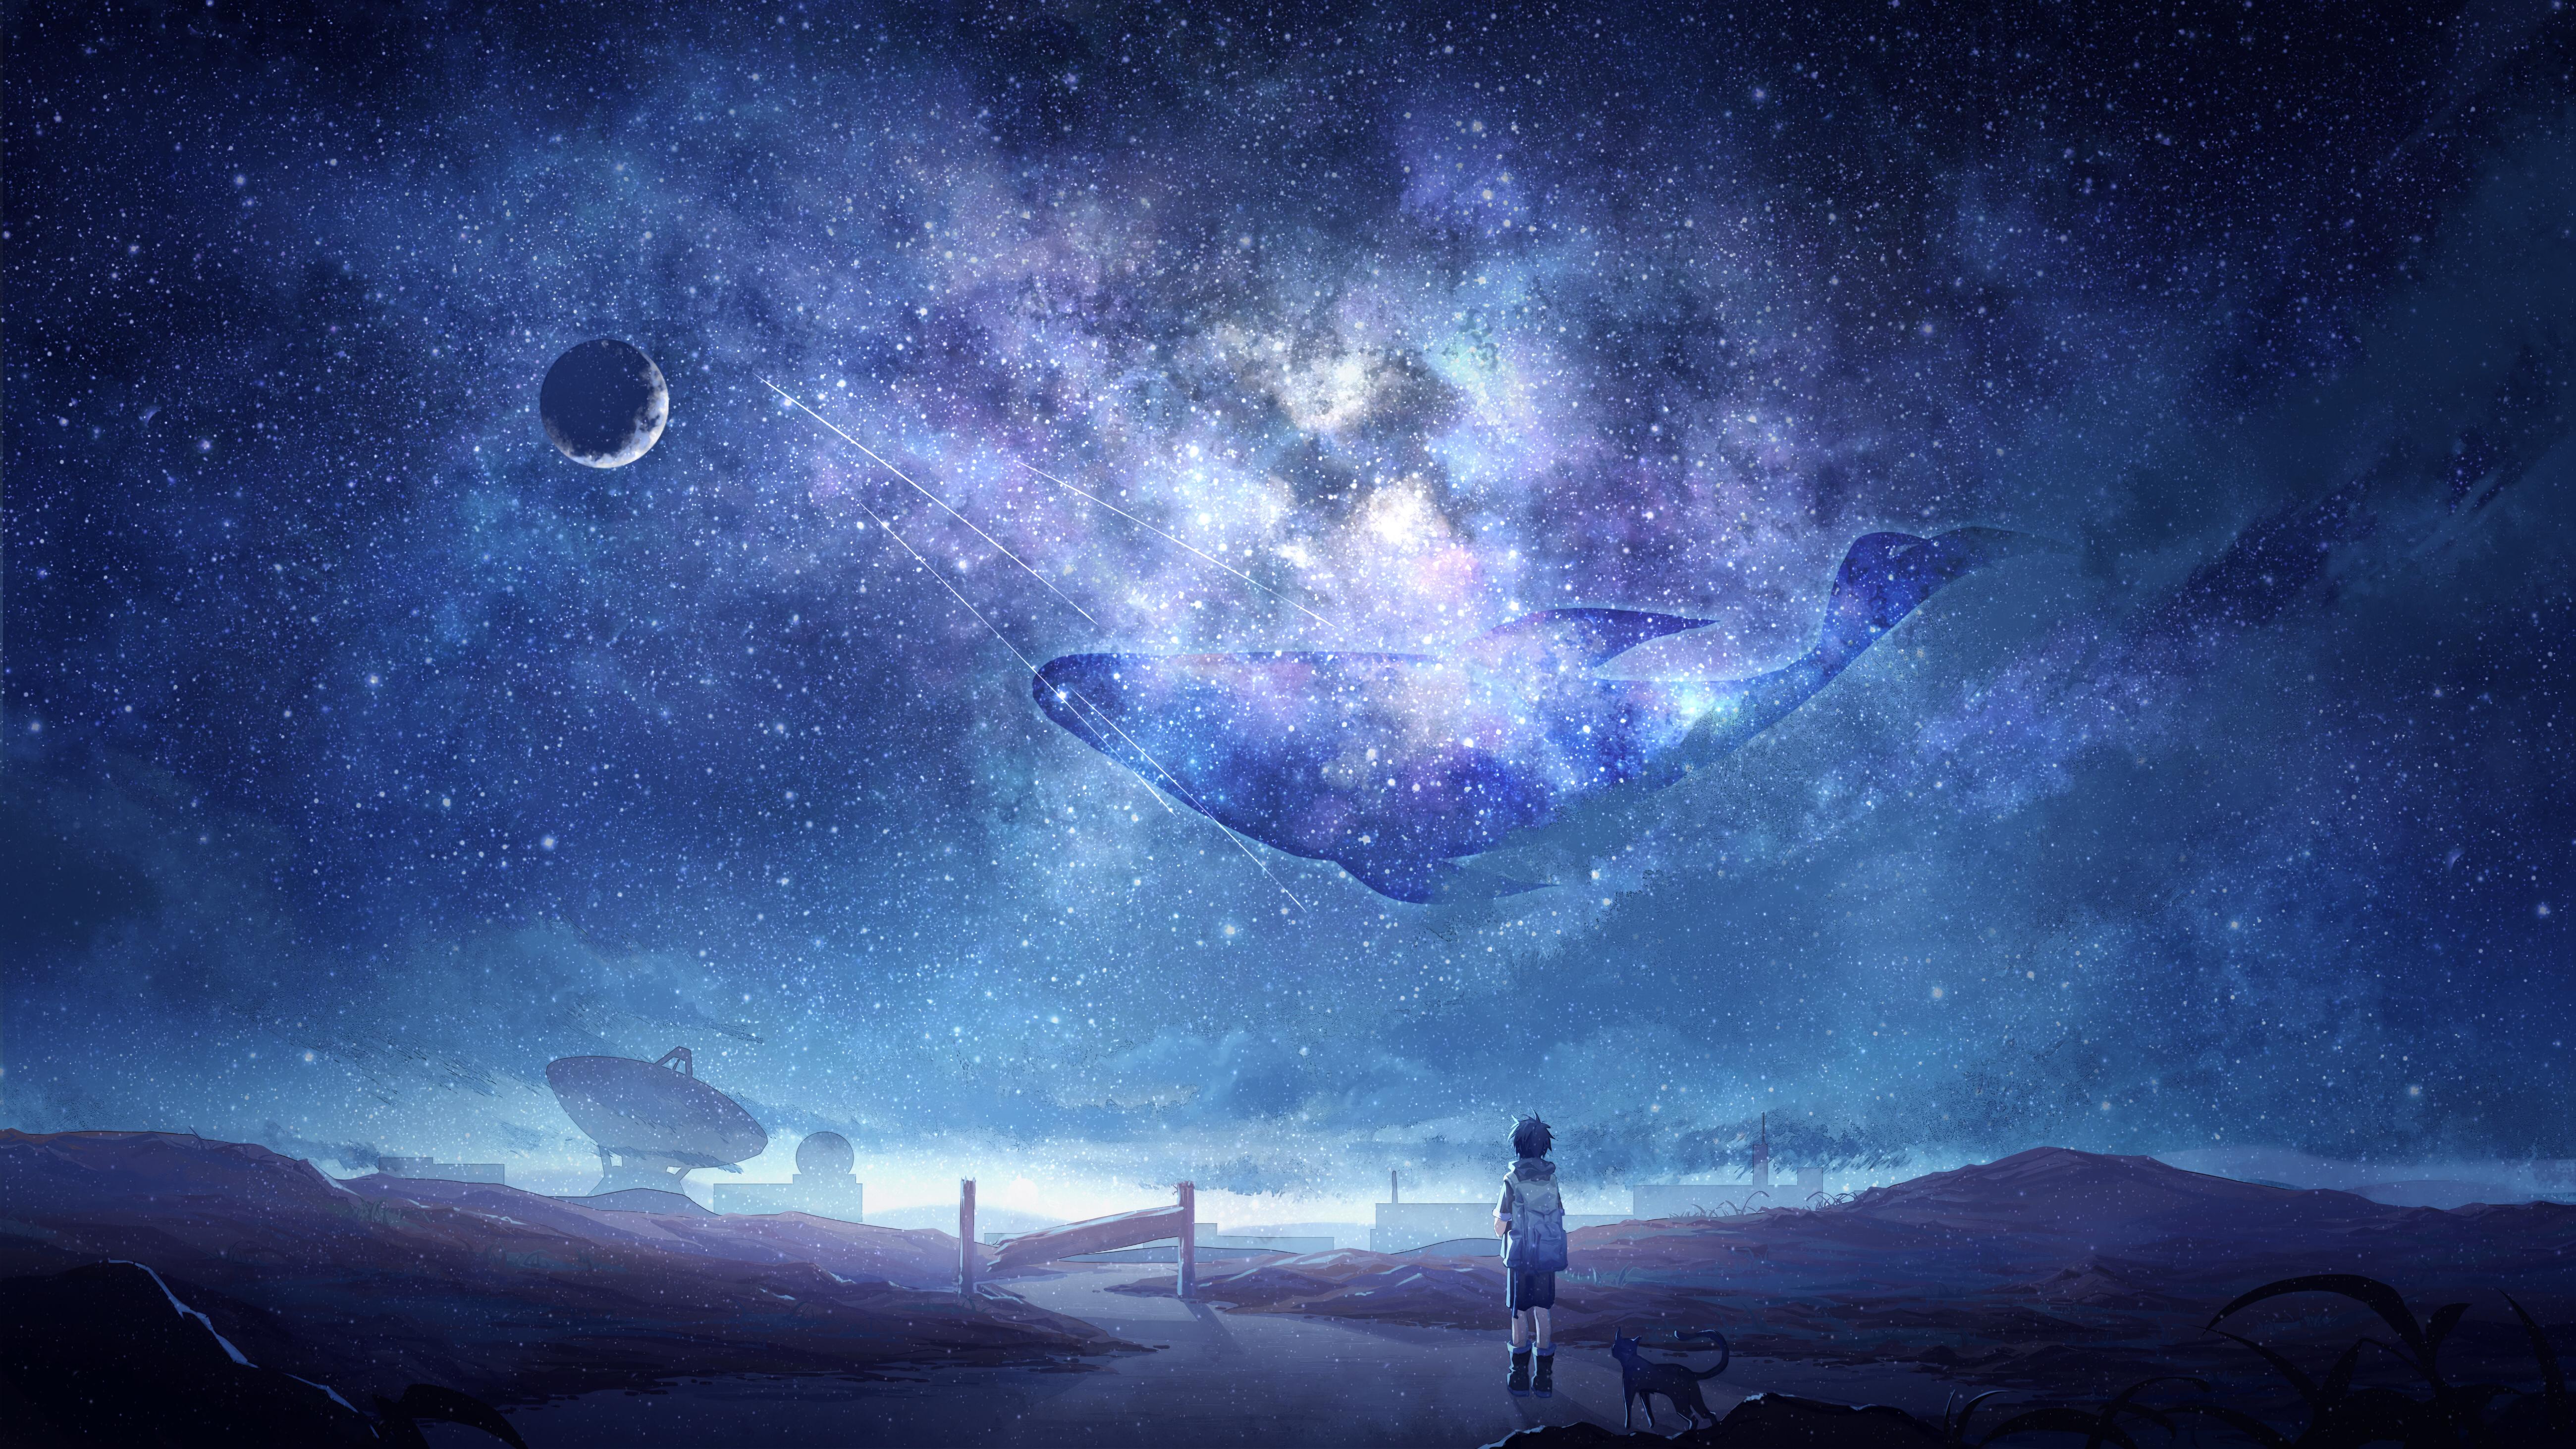 anime fantasy sky 1578253730 - Anime Fantasy Sky -